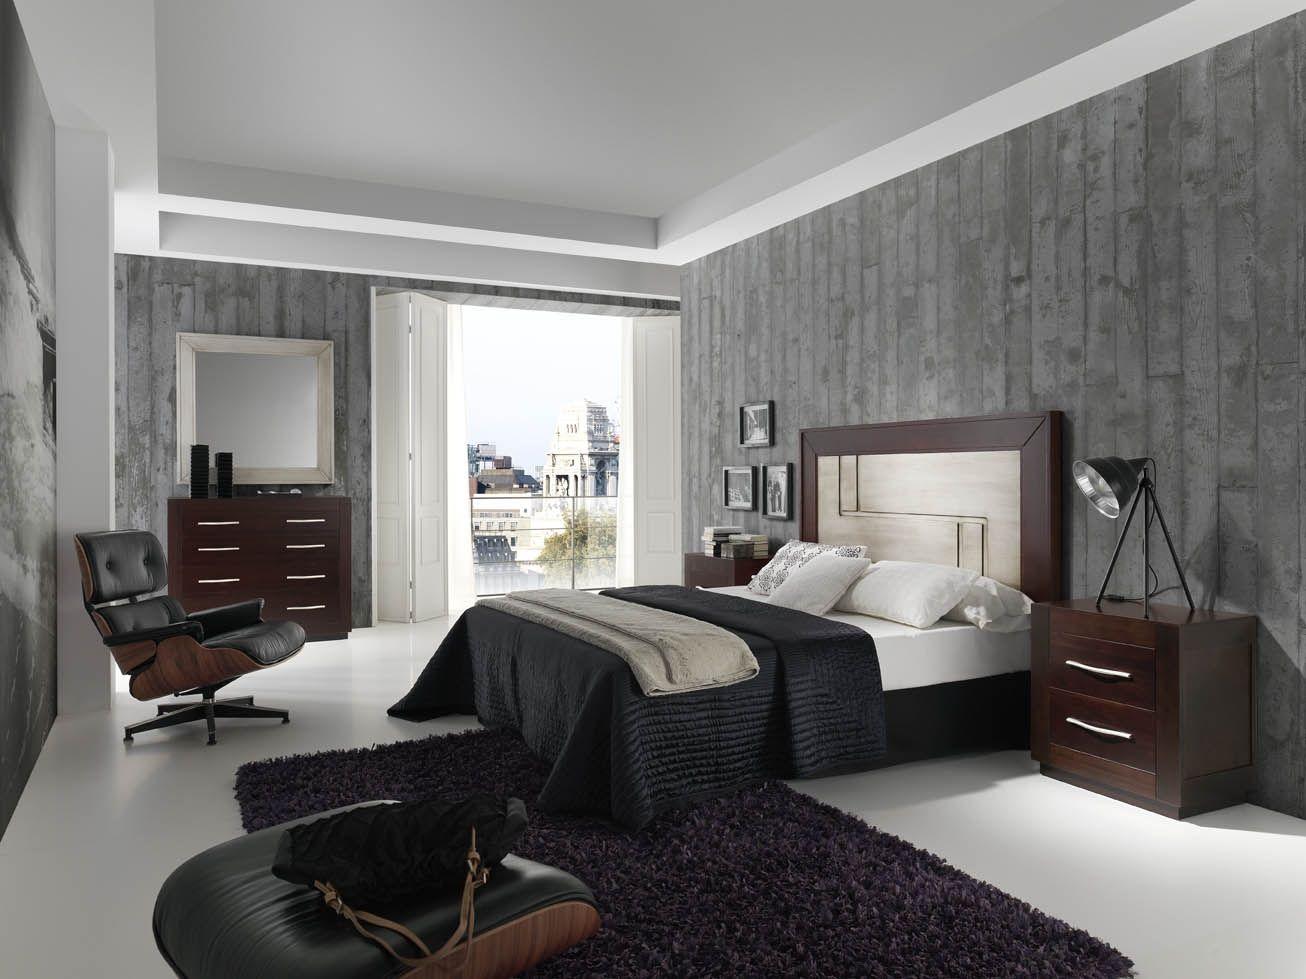 Pin de marcelo alvares en dise o varios dormitorio de - Diseno de habitaciones modernas ...